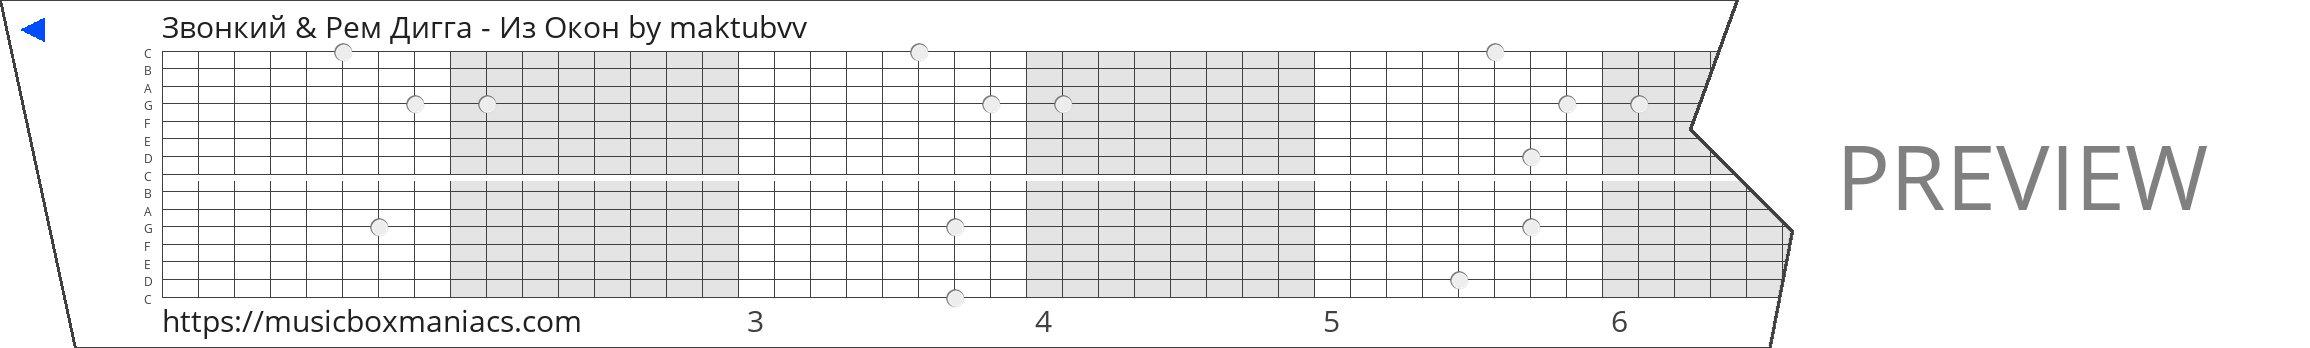 Звонкий & Рем Дигга - Из Окон 15 note music box paper strip